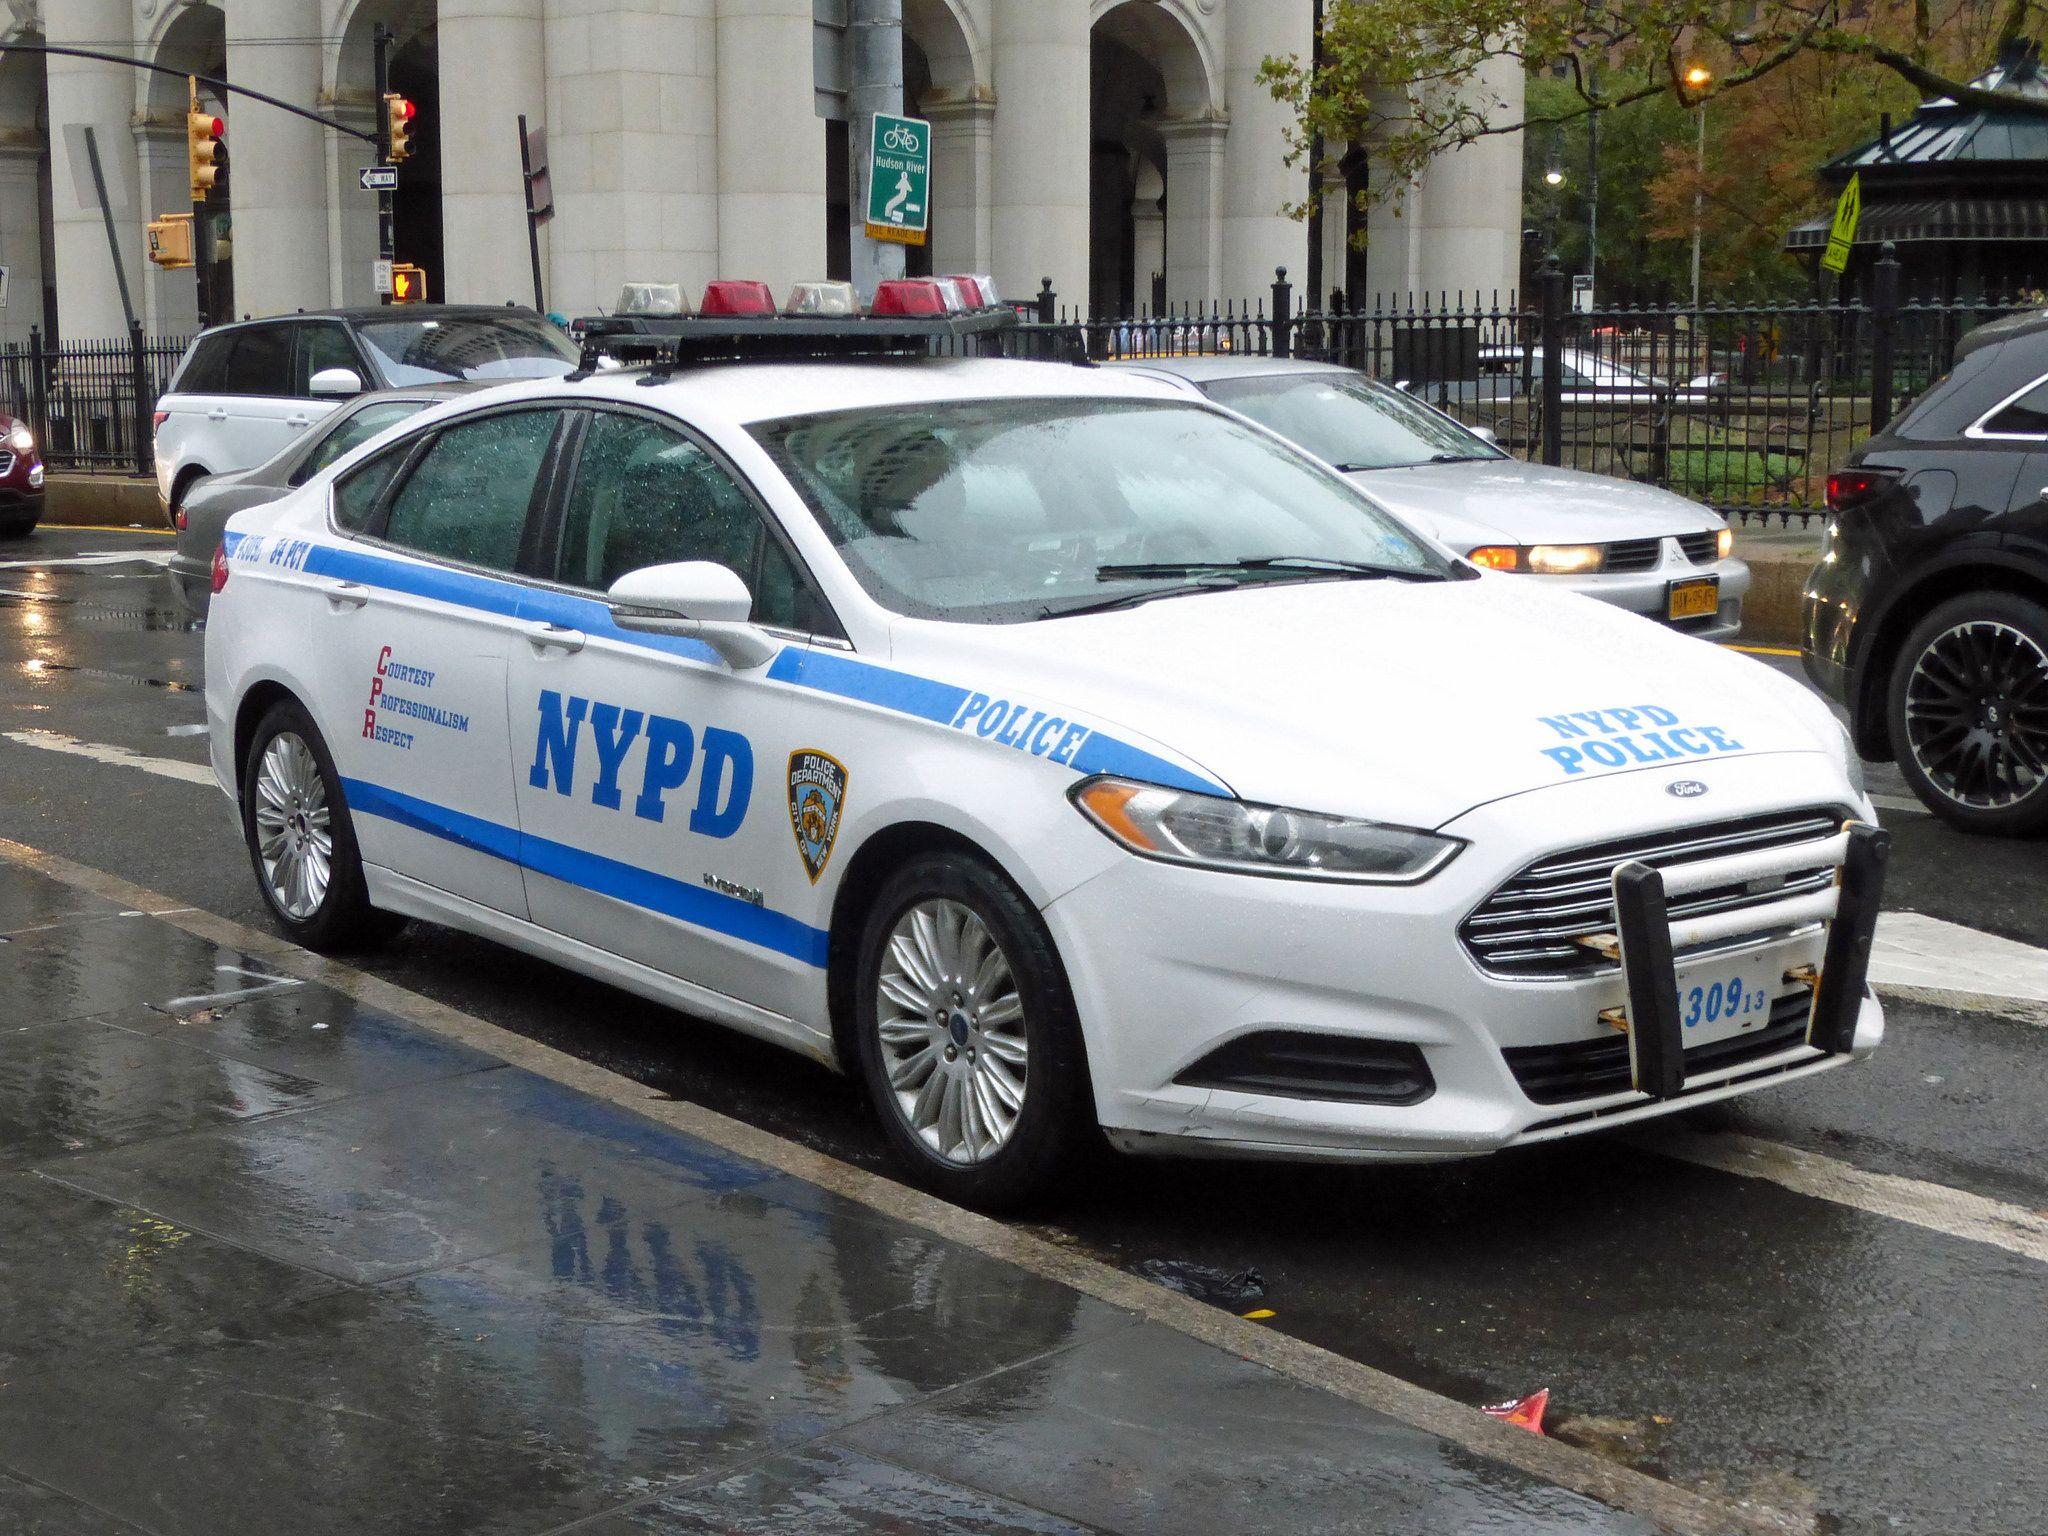 Nypd 84 Pct 4309 Policia Carros